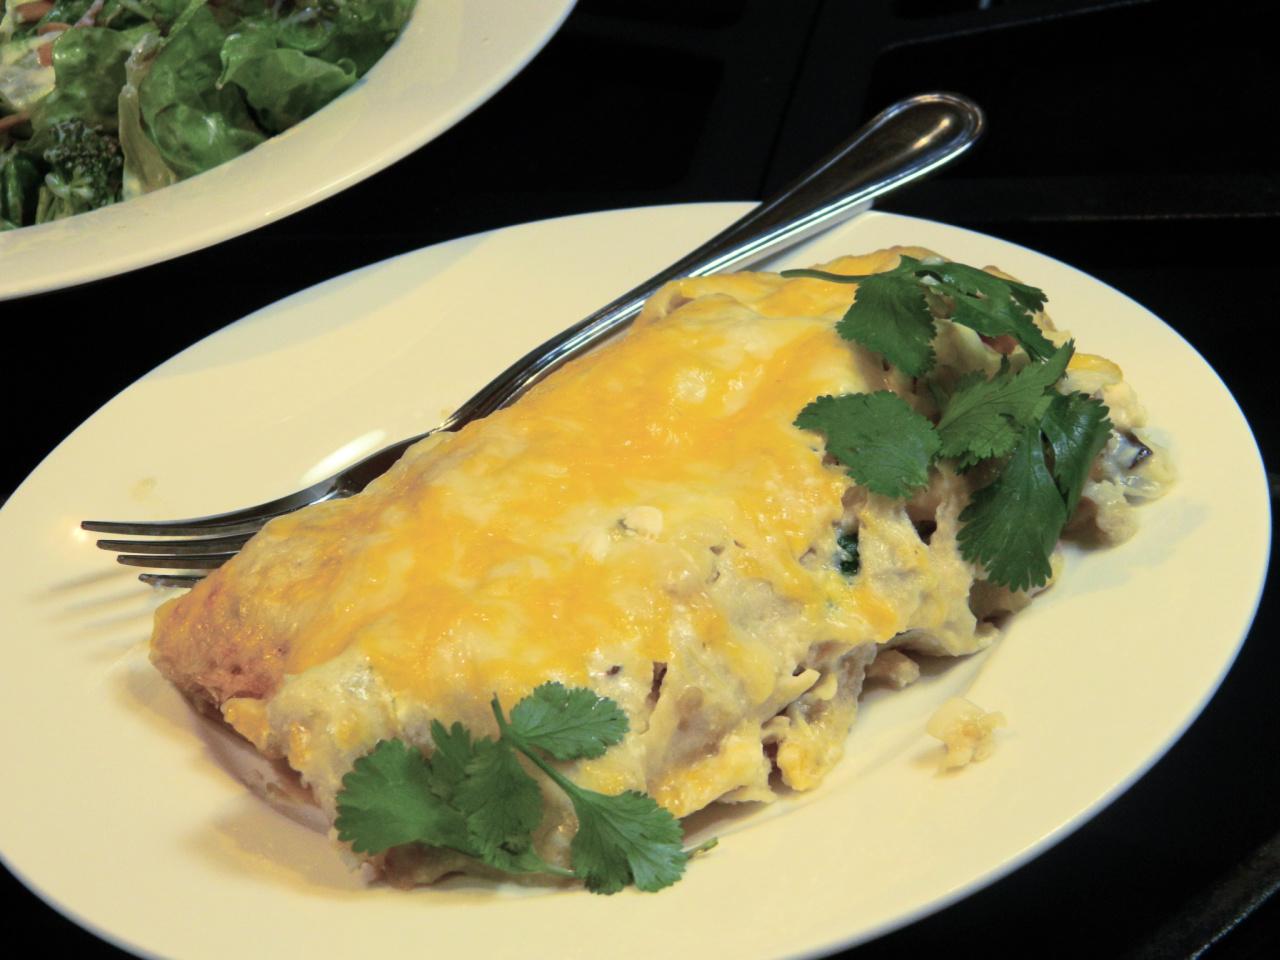 Chicken Enchiladas with Green Chile Sauce (Salsa Verde)